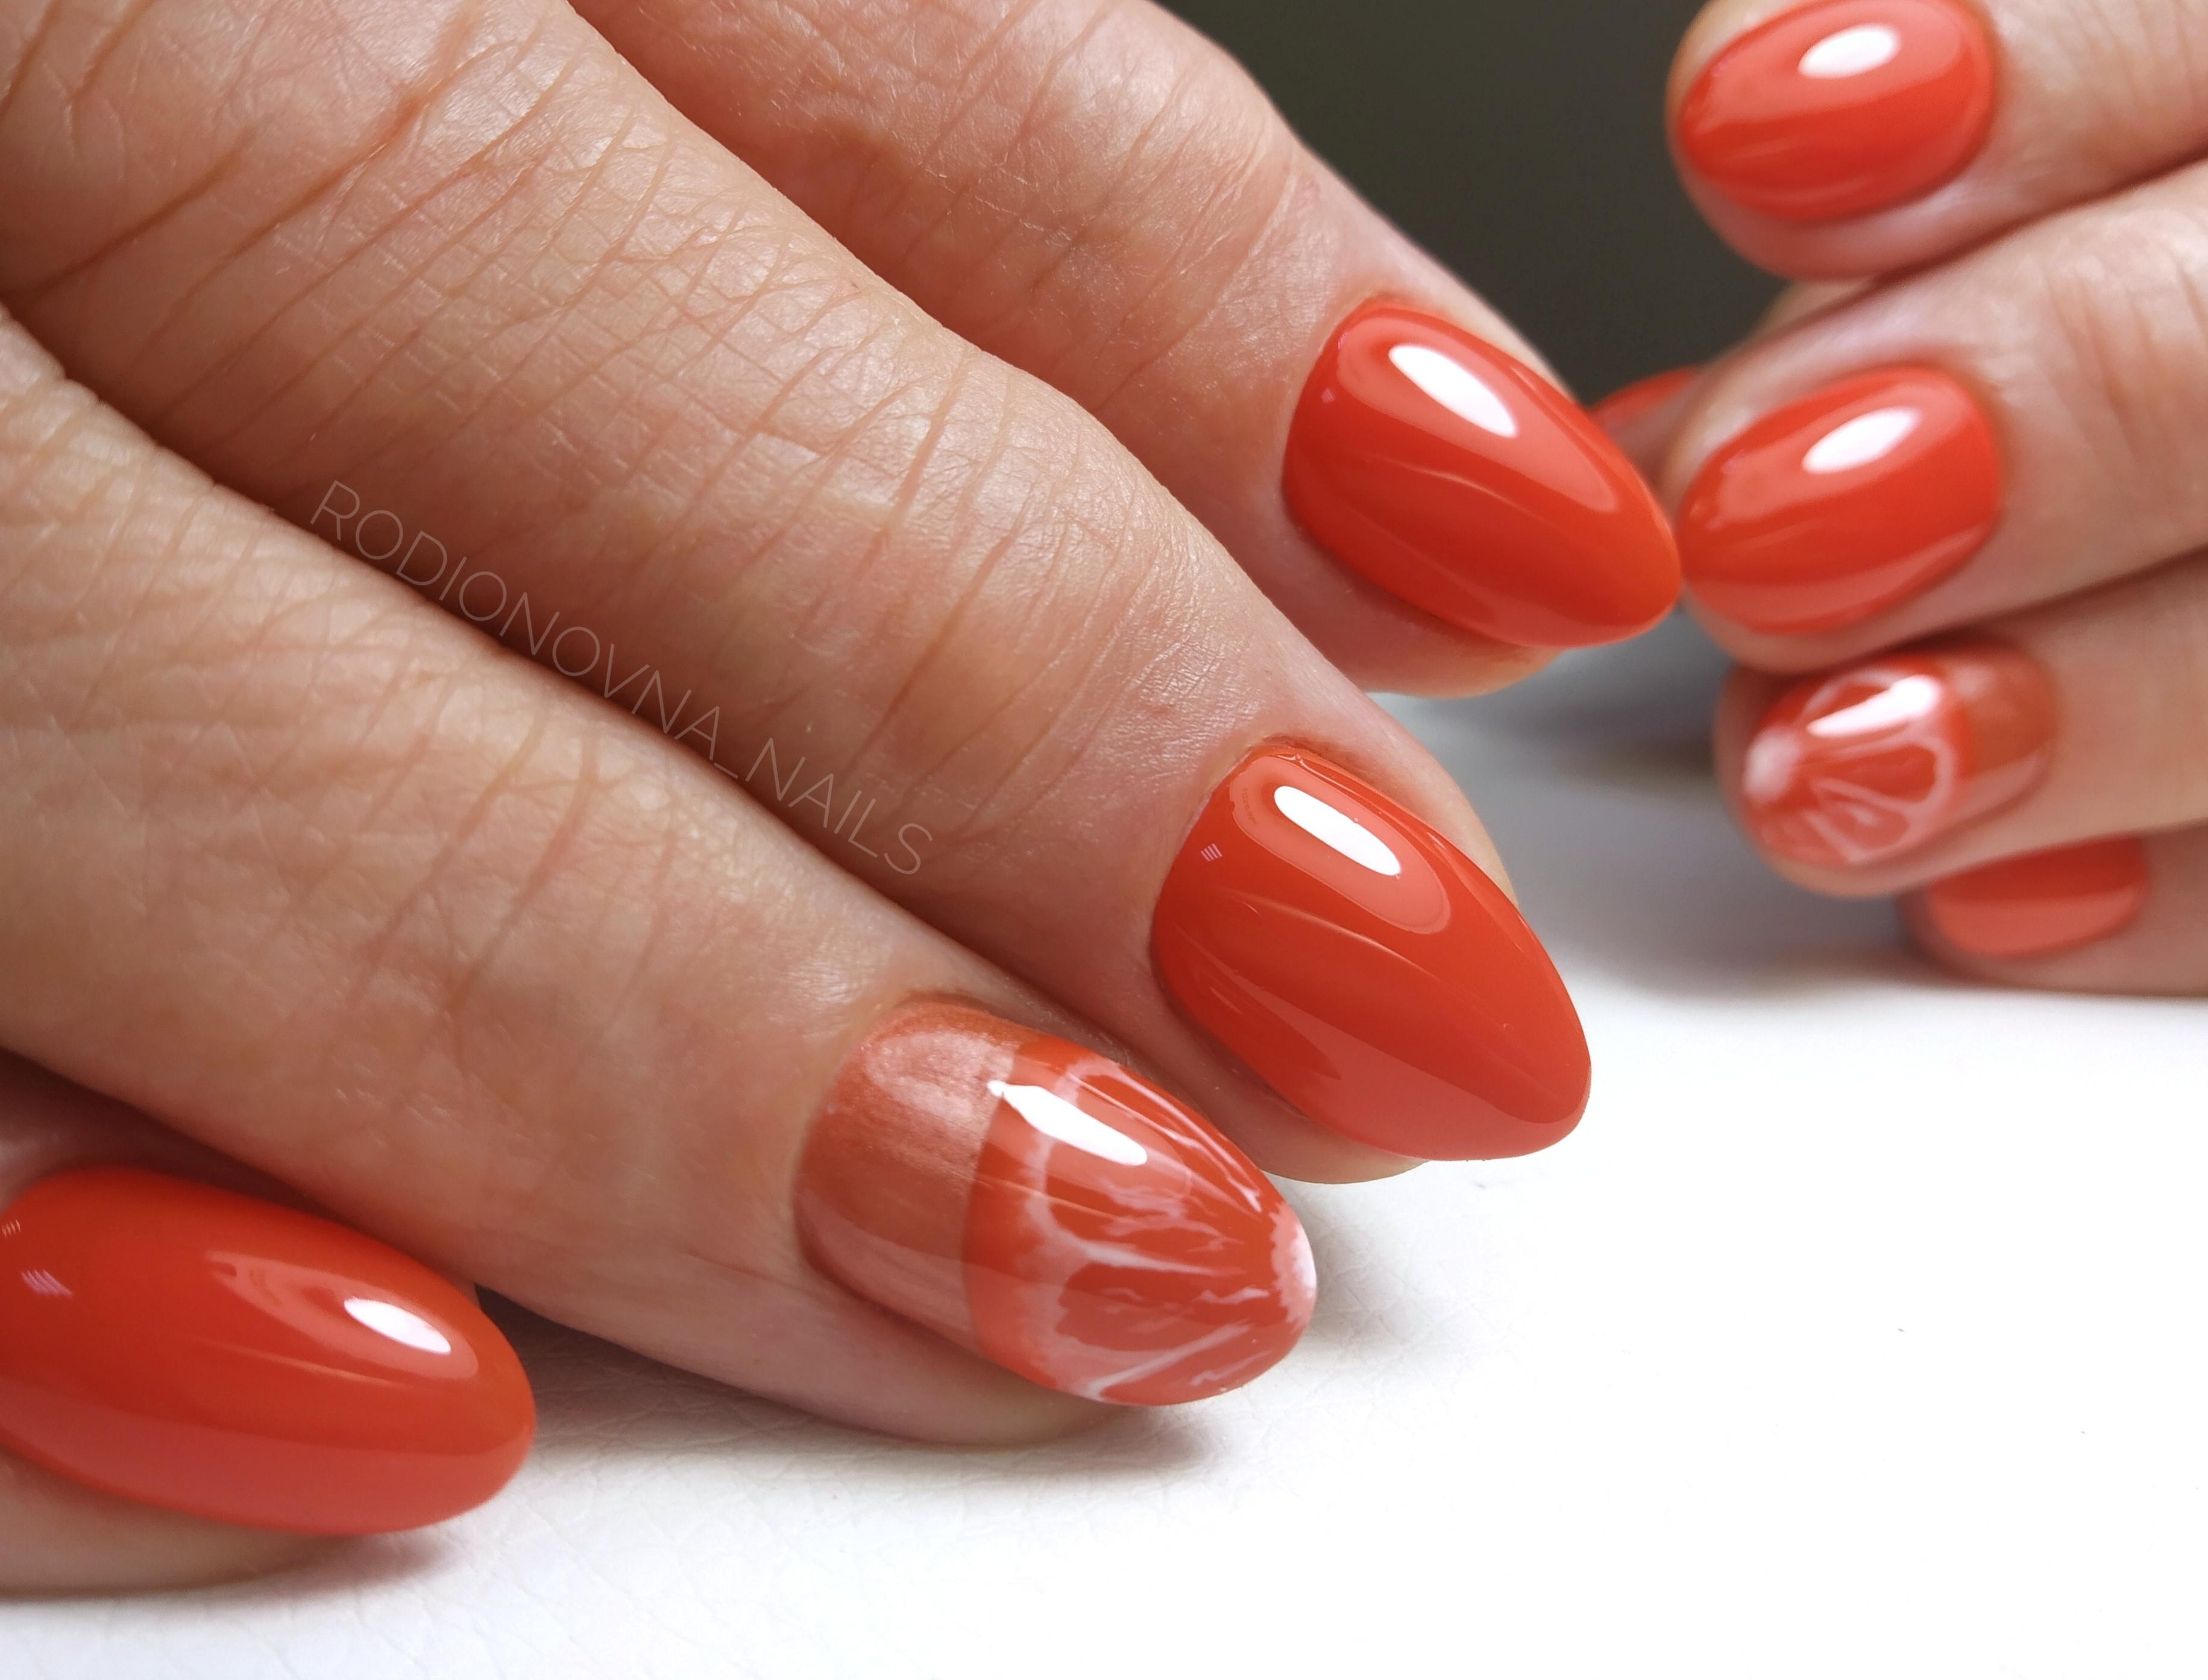 Маникюр с апельсином в рыжем цвете на короткие ногти.